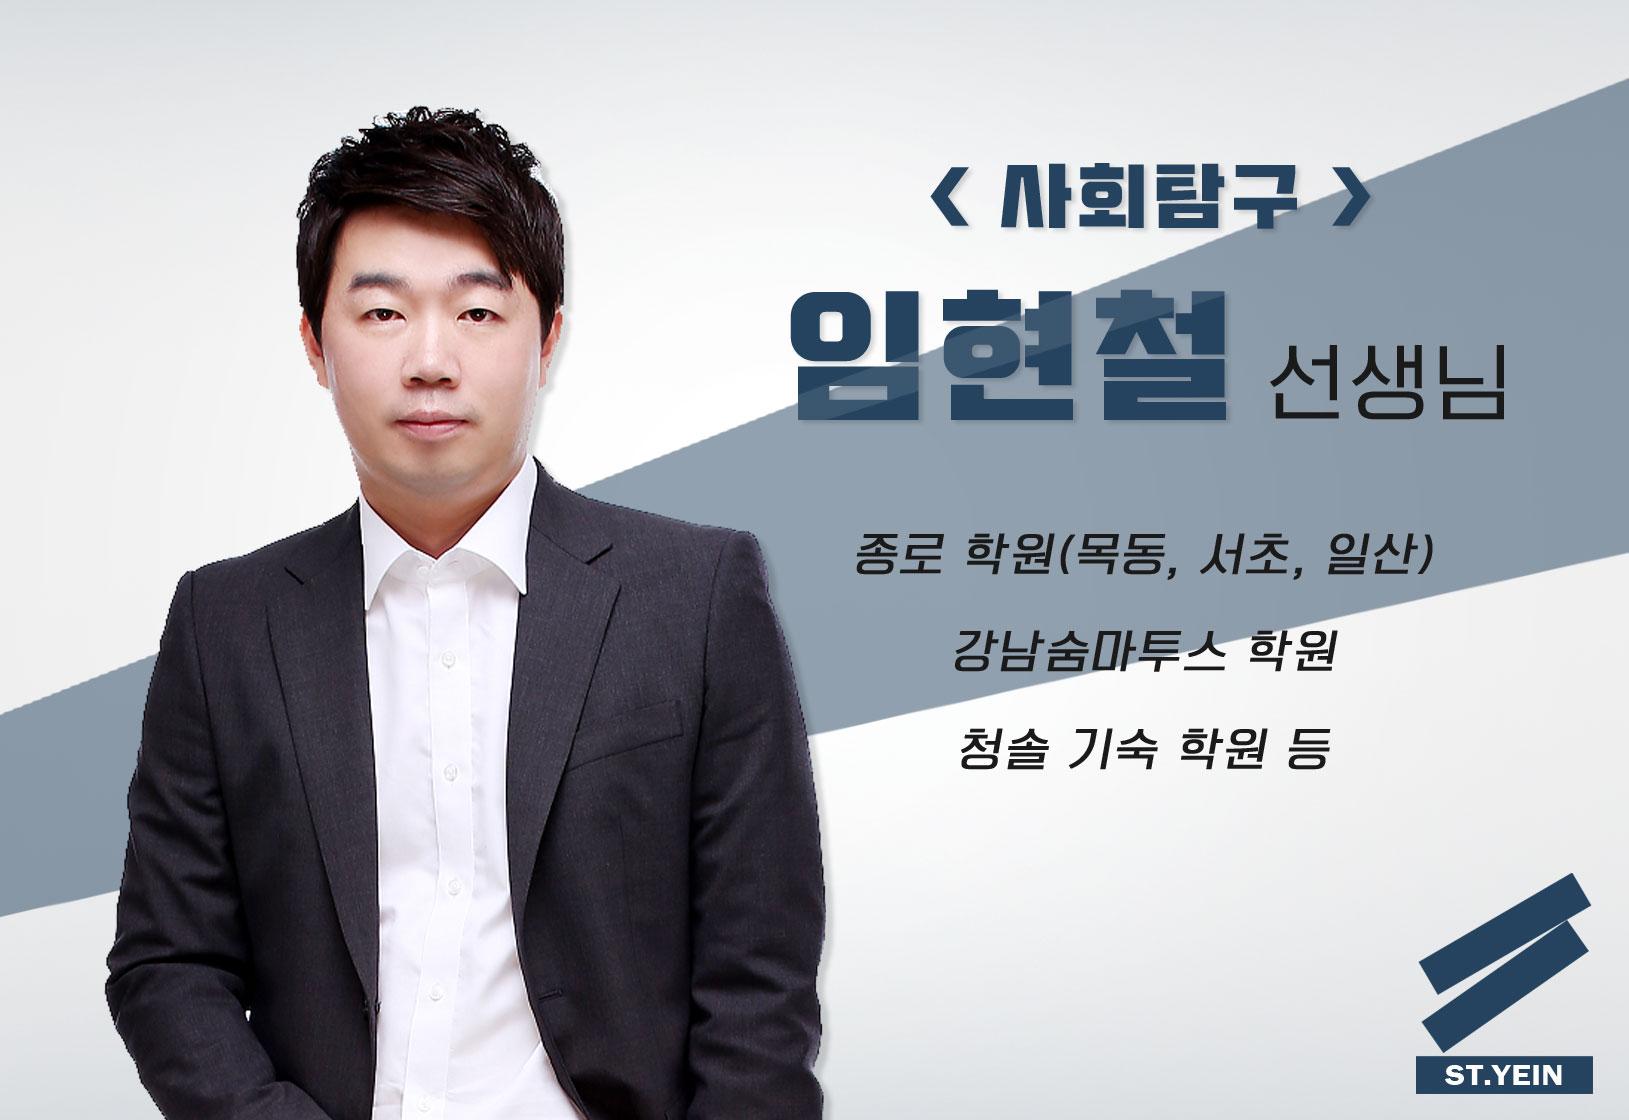 생윤/윤사